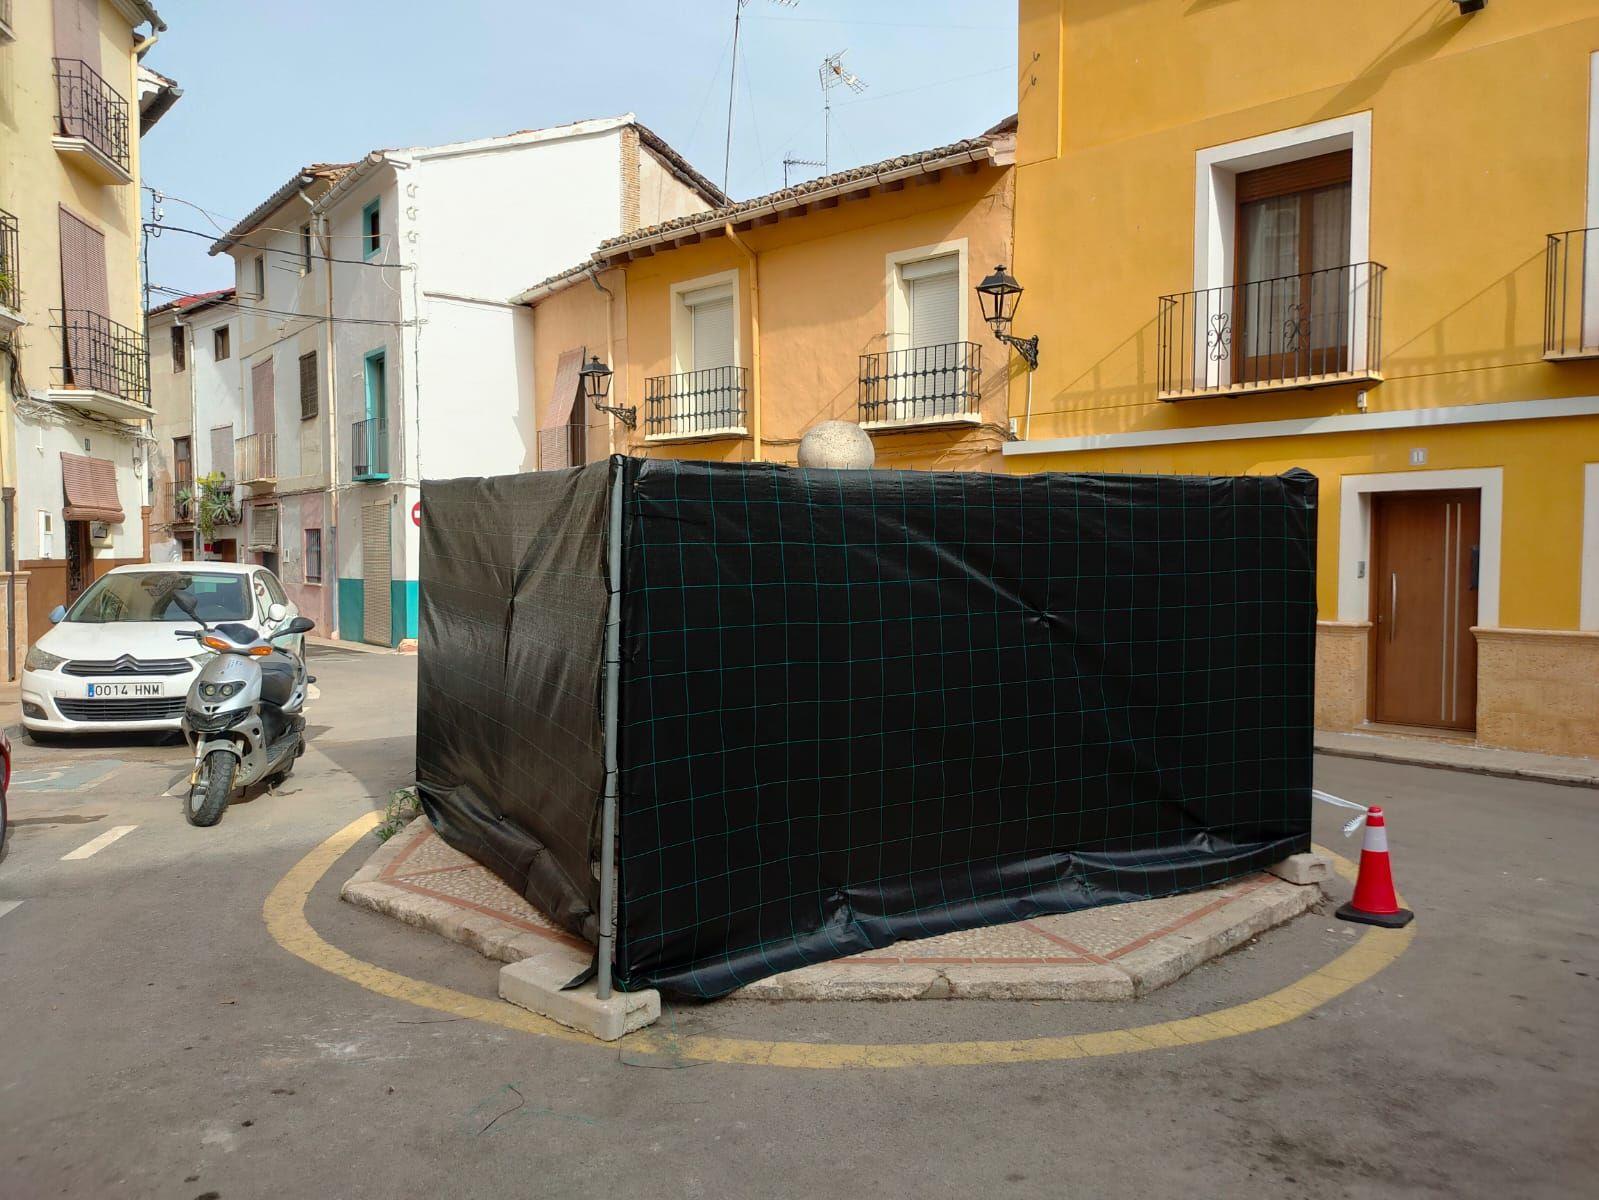 Dan marcha atrás con el coche y lo empotran contra una fuente del casco histórico de Xàtiva